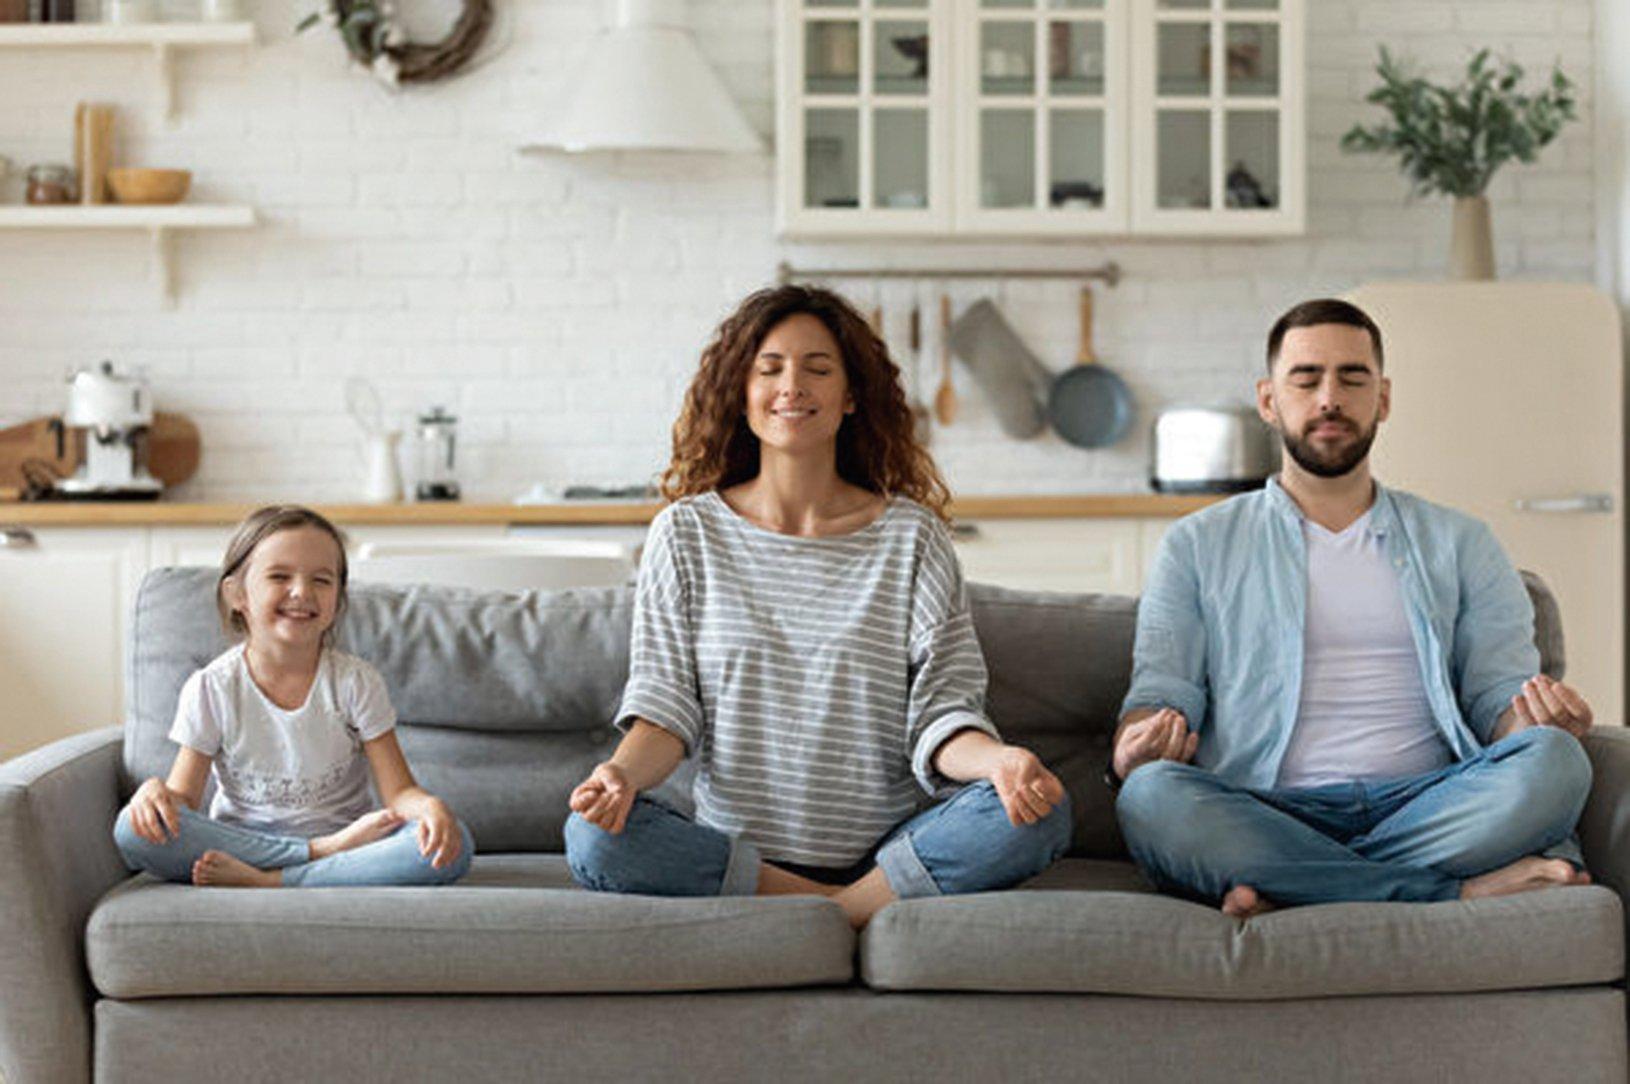 覺察練習(mindfulness,維基百科又譯為正念)是一種冥想練習,幫助人們把注意力放在當下並排除雜念,是西方心理學家把佛禪理論抽出一部份,在西方社會推廣形式。(Shutter Stock)